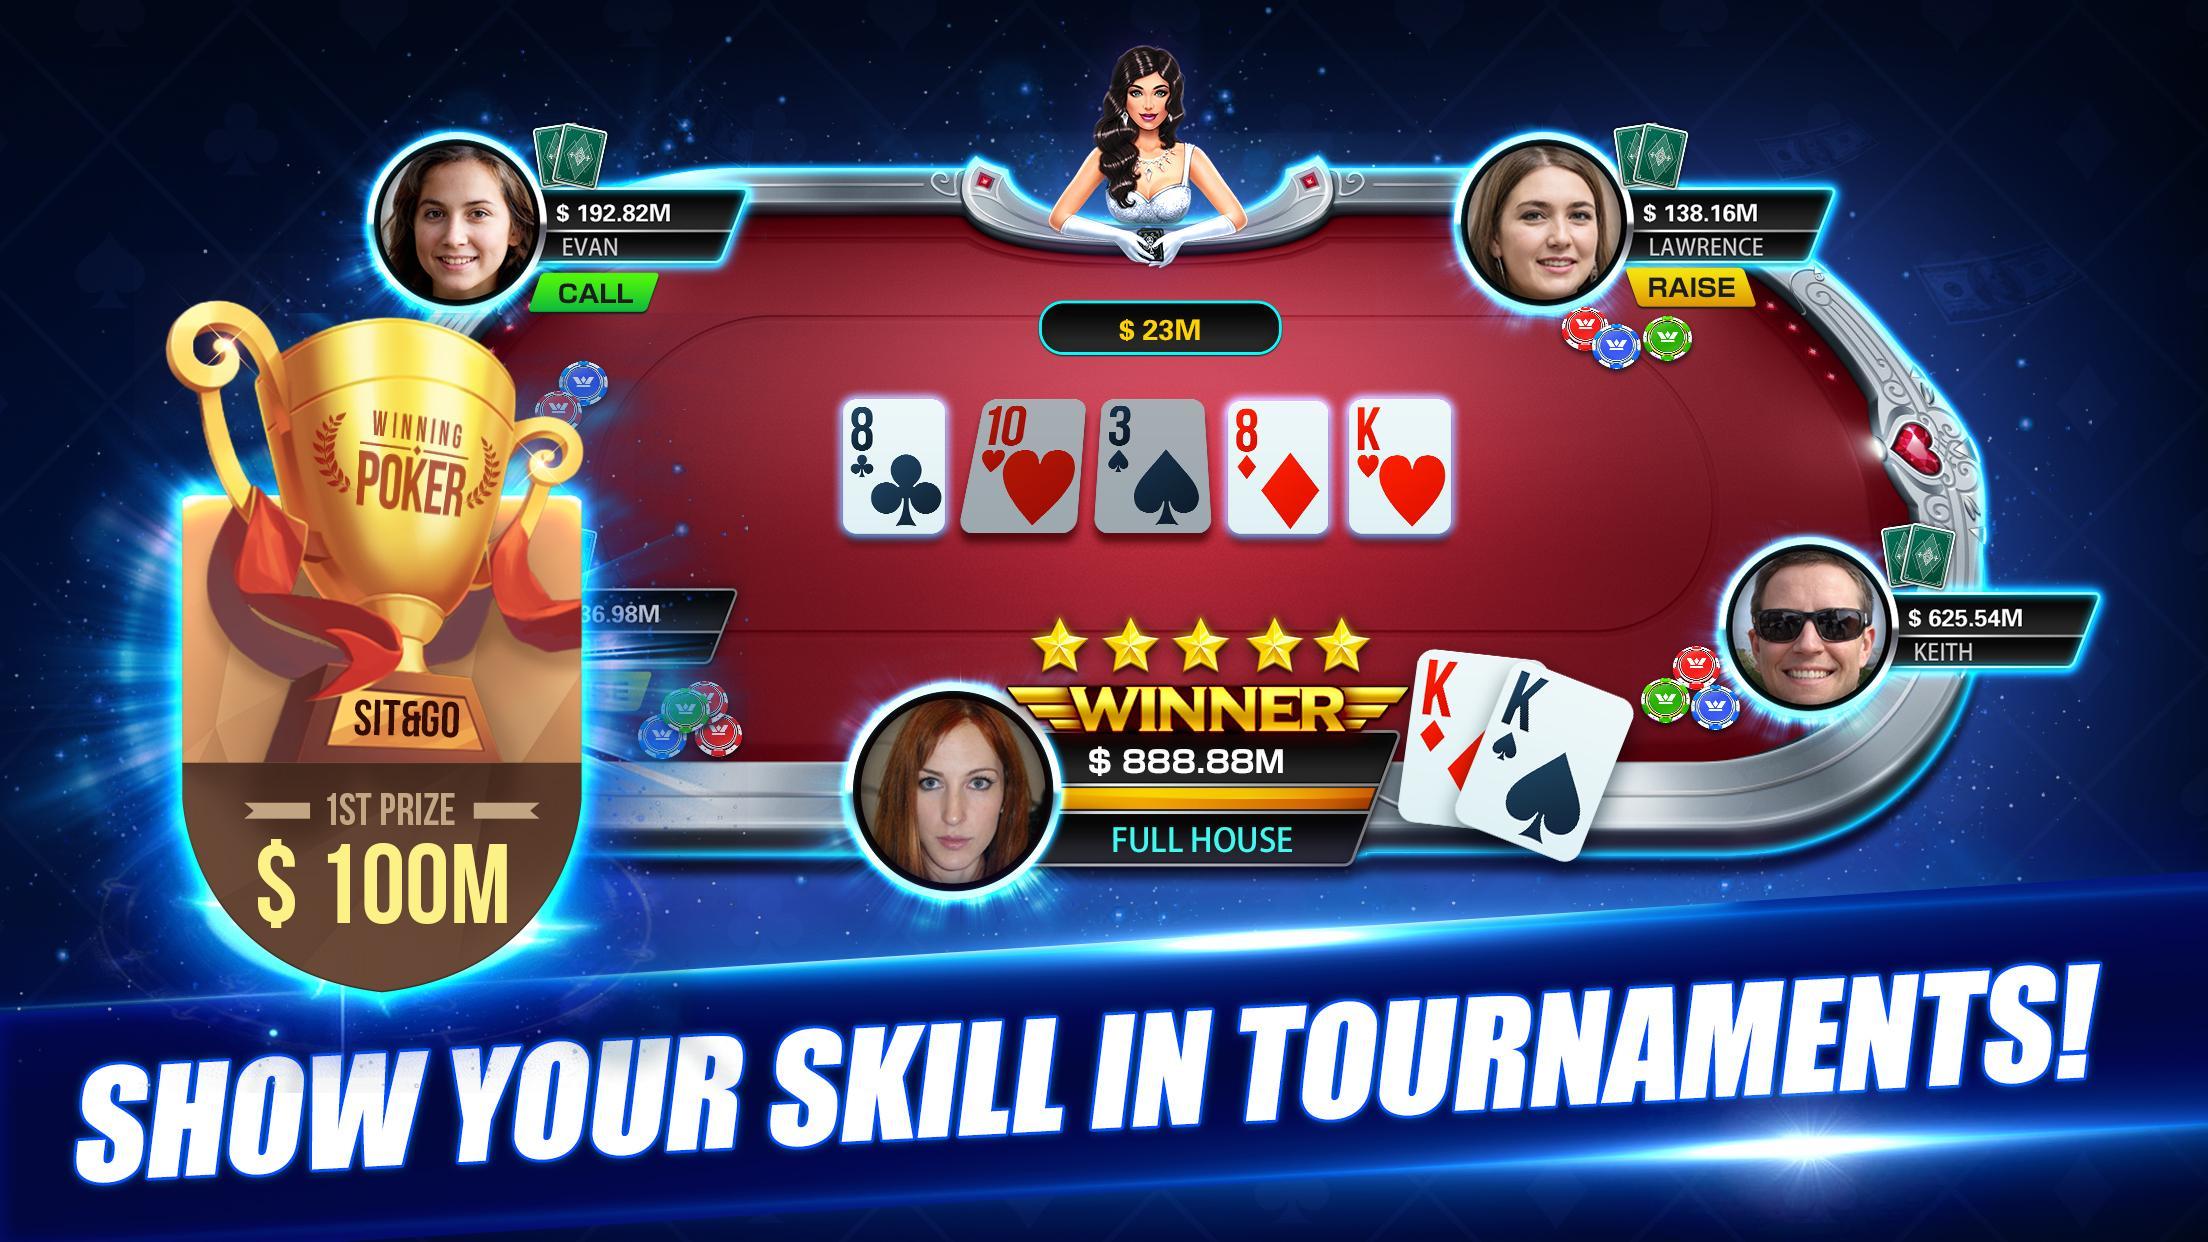 Скачать покер онлайн 888 бесплатно рулетка герои войны и денег скрипты